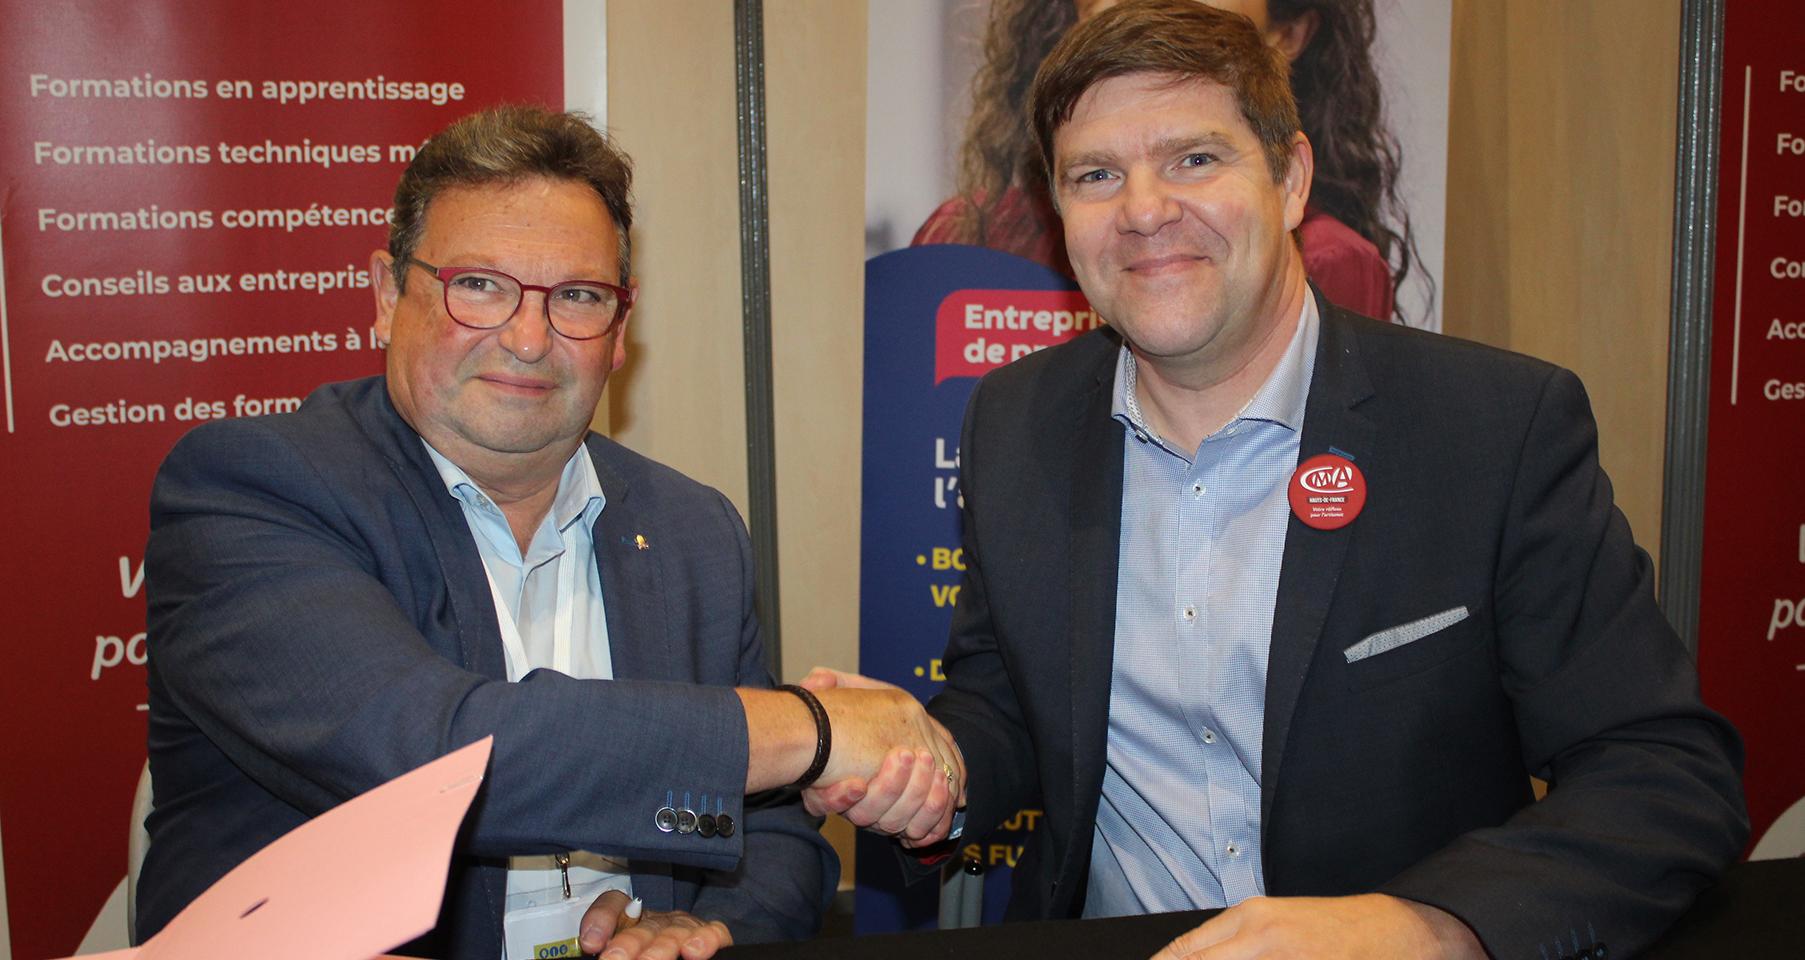 Convention de partenariat entre la Fédération régionale des Boulangers/Pâtissiers et la Chambre des Métiers et de l'Artisanat des Hauts de France